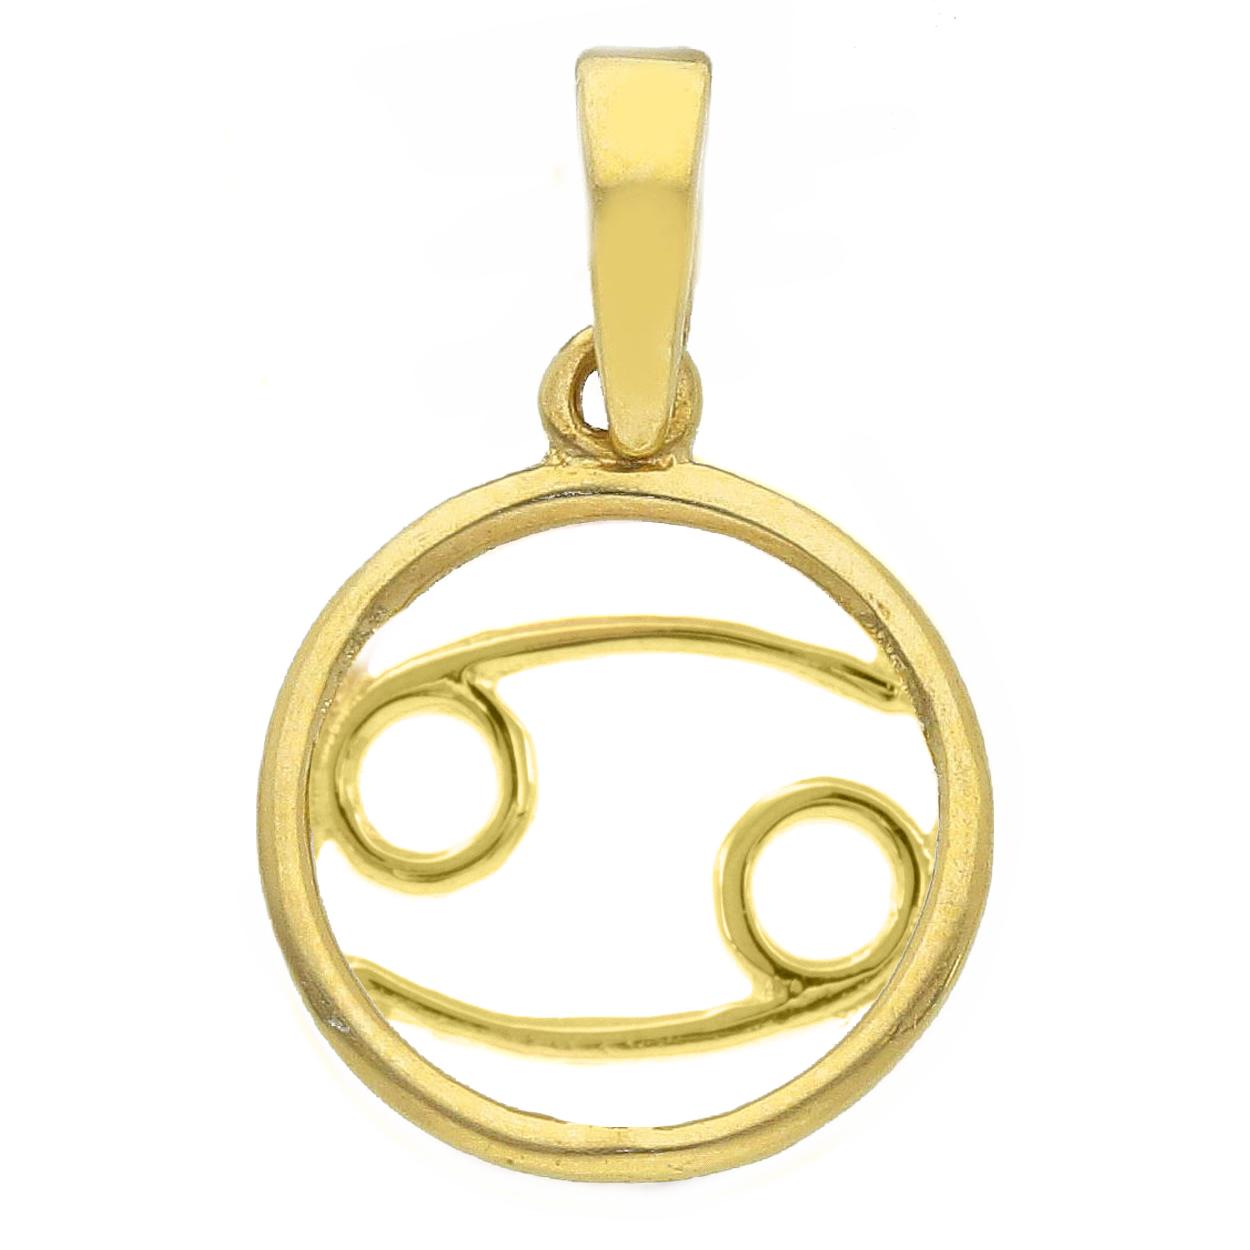 Ciondolo segno zodiacale Cancro in oro giallo stilizzato